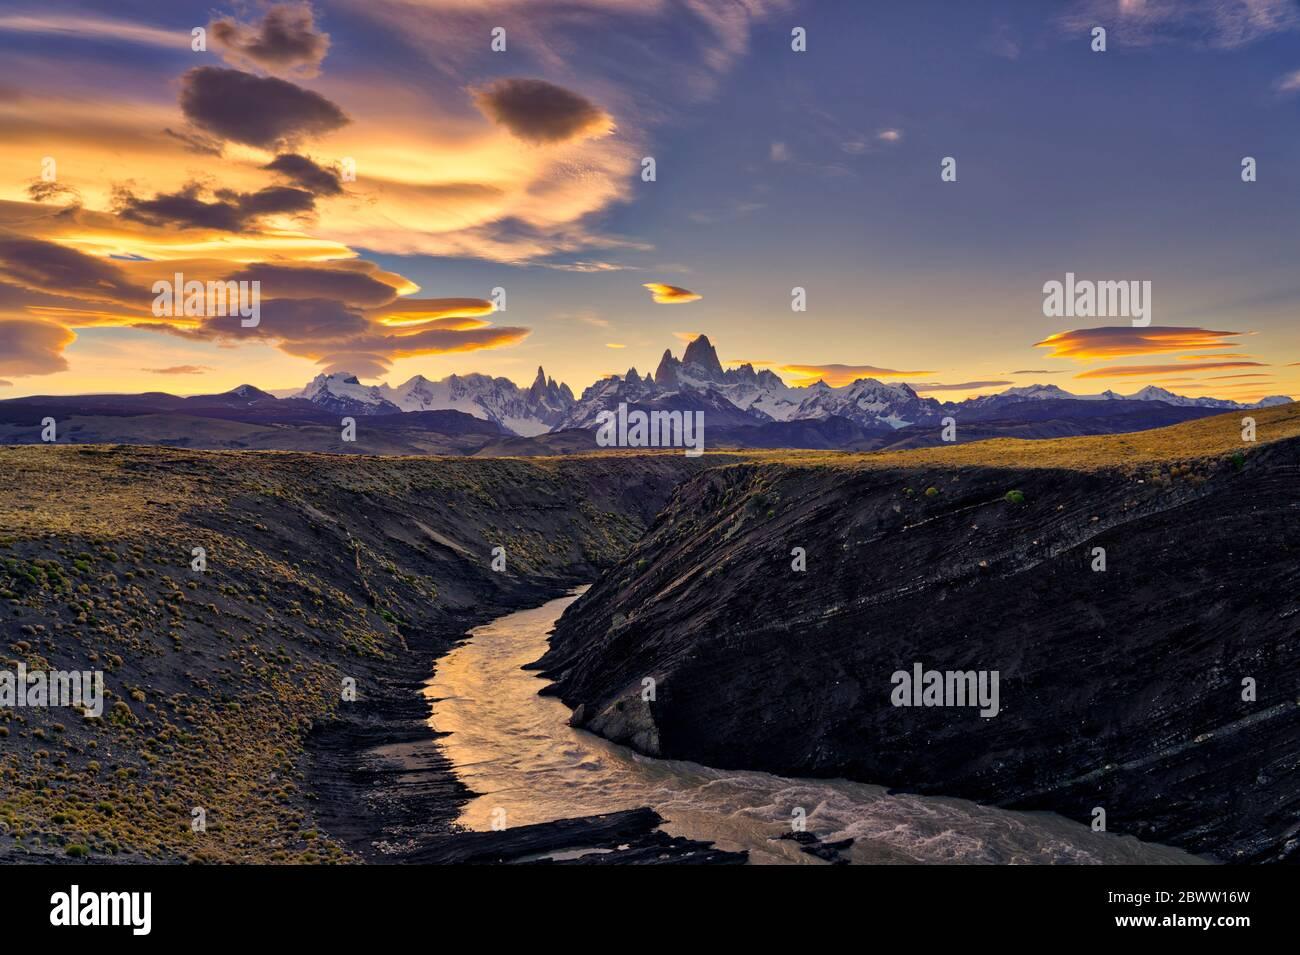 Monte Fitz Roy, Cerro Torre y el río el Chalten al atardecer, Patagonia, Argentina Foto de stock